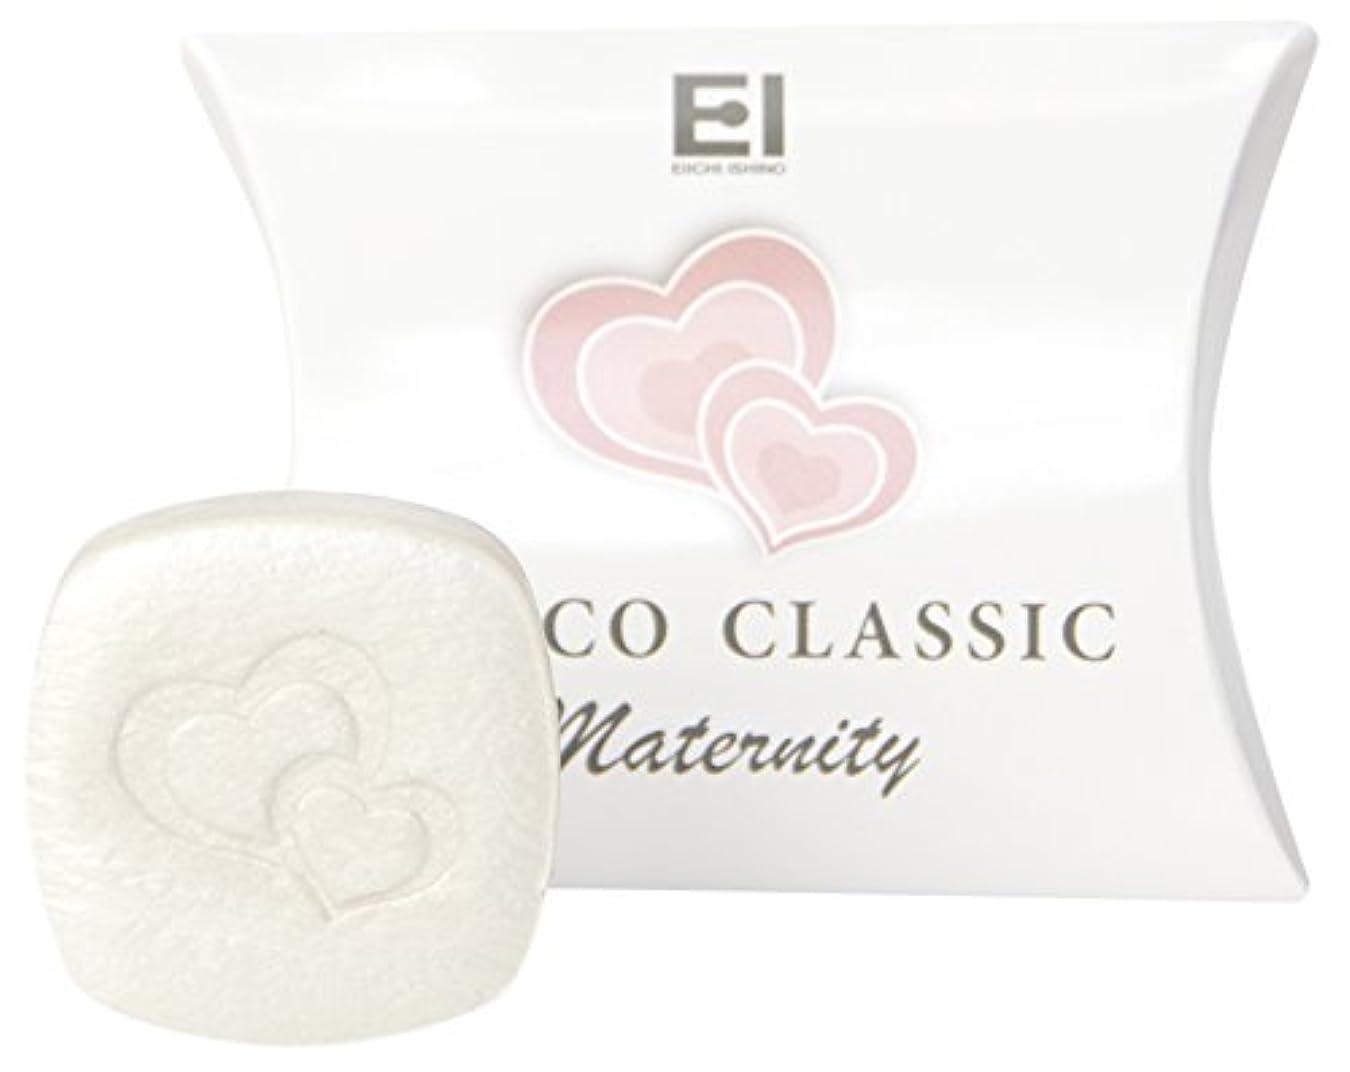 EI JUNCO CLASSIC MATERNITY SOAP 20g